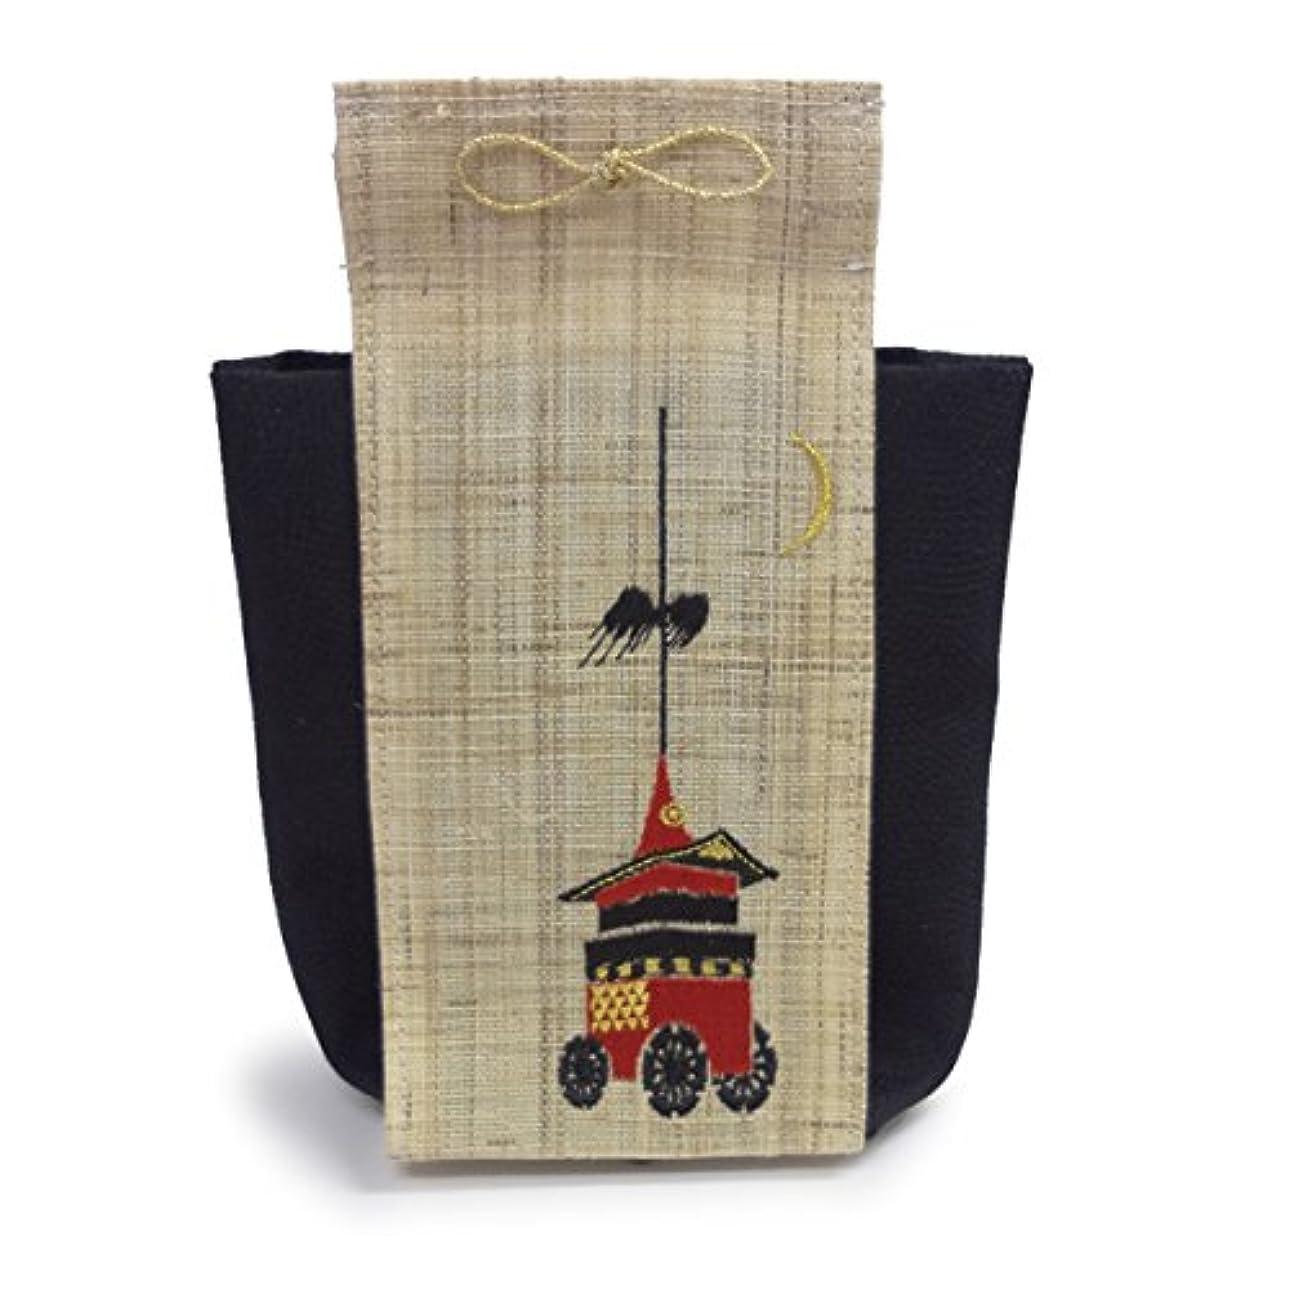 コンピューターゲームをプレイする増幅器ダース香飾り 京の風物詩 祇園祭